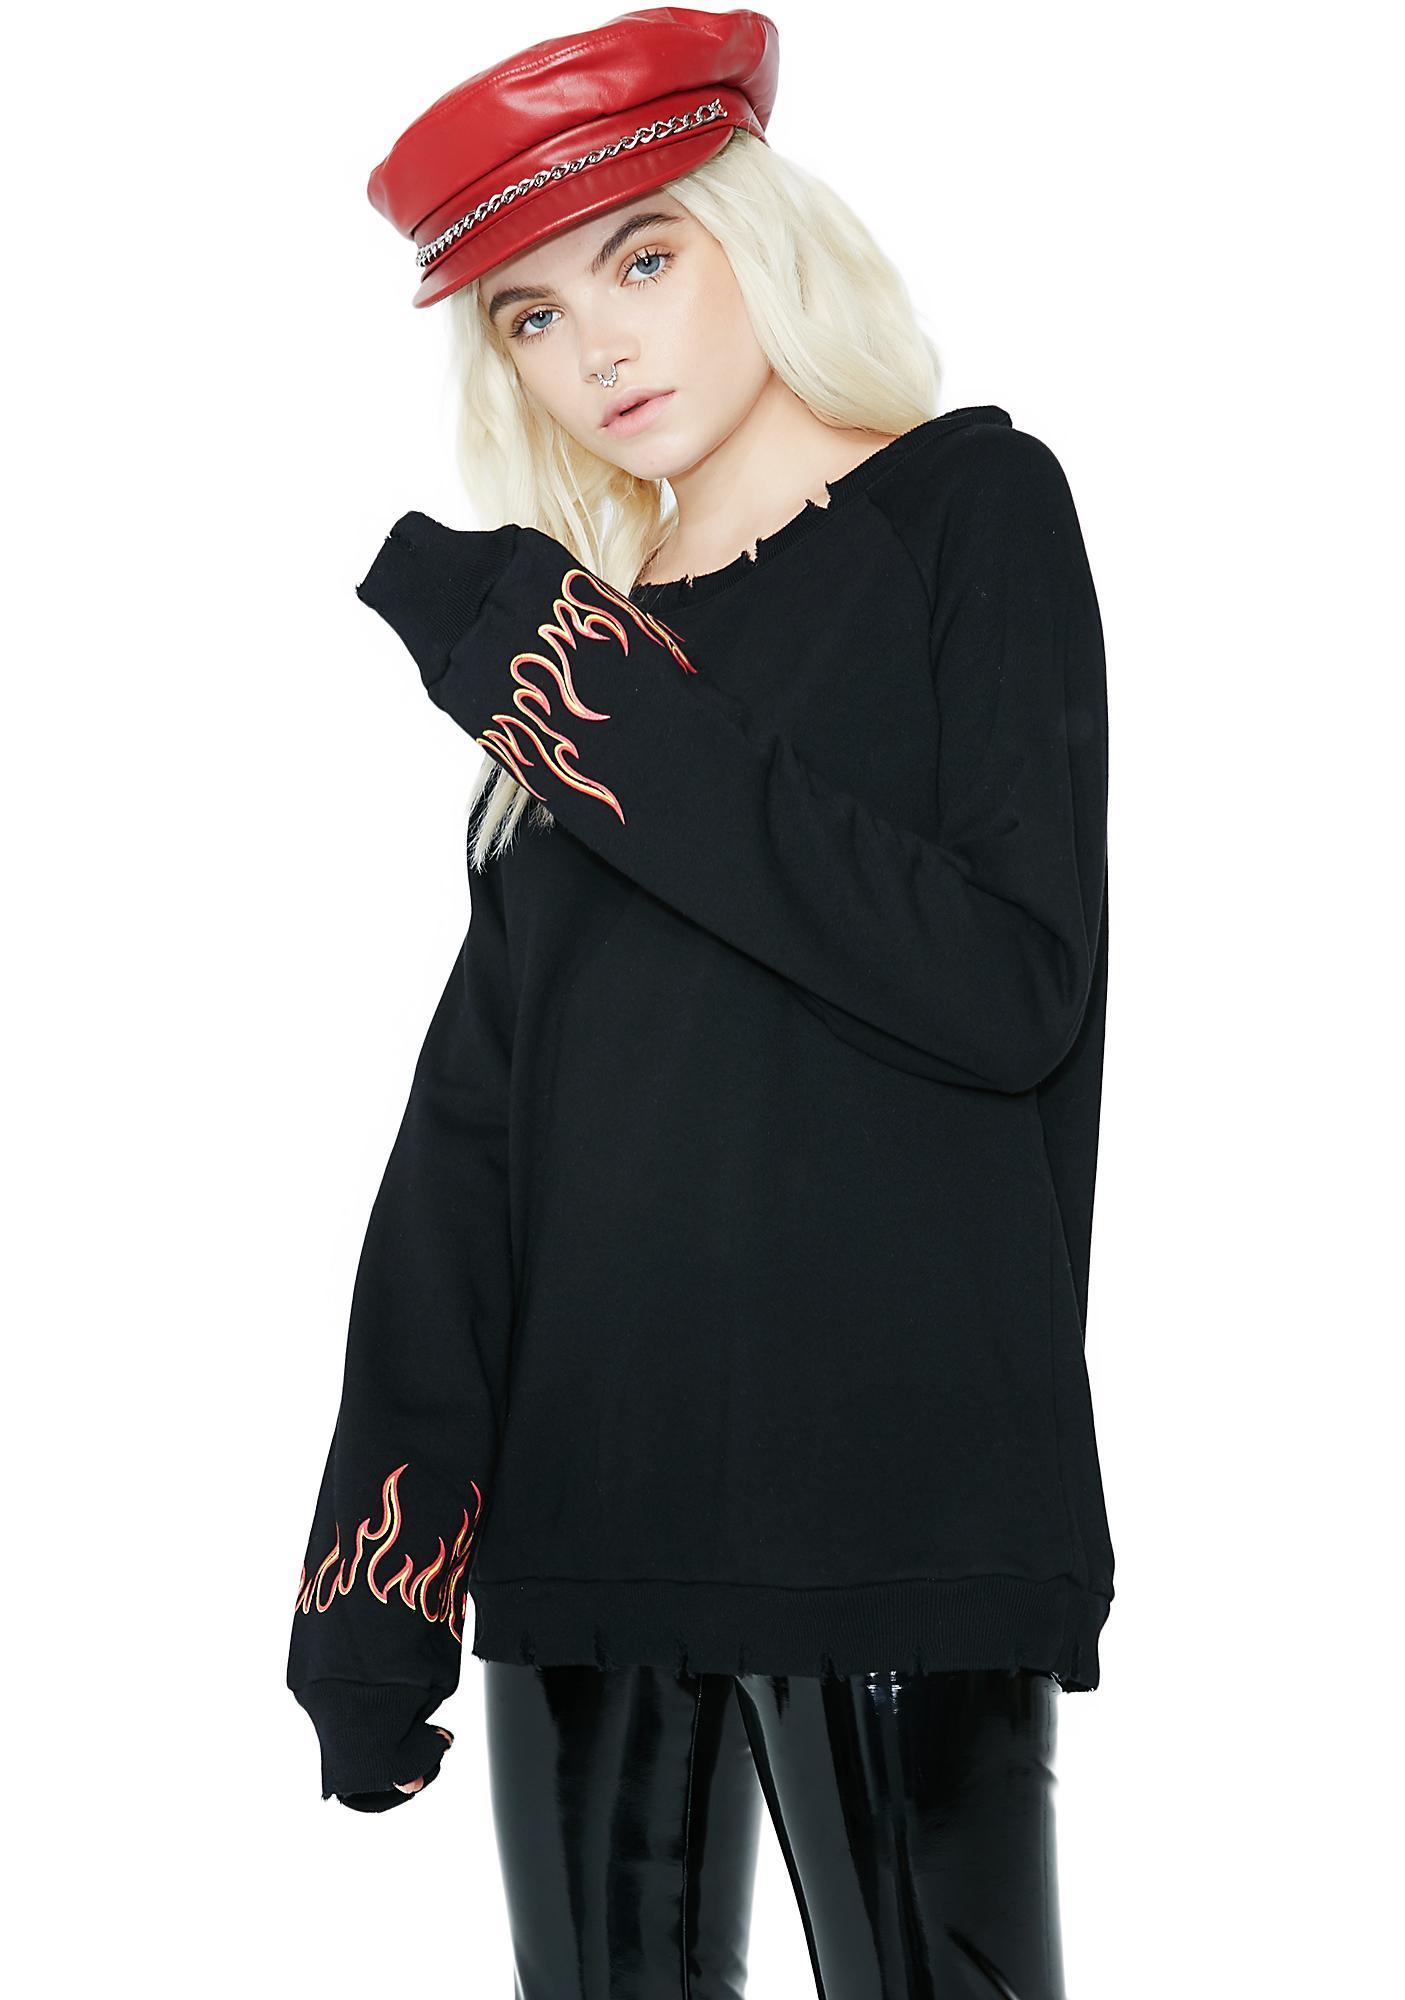 Body Heat Flame Sweatshirt